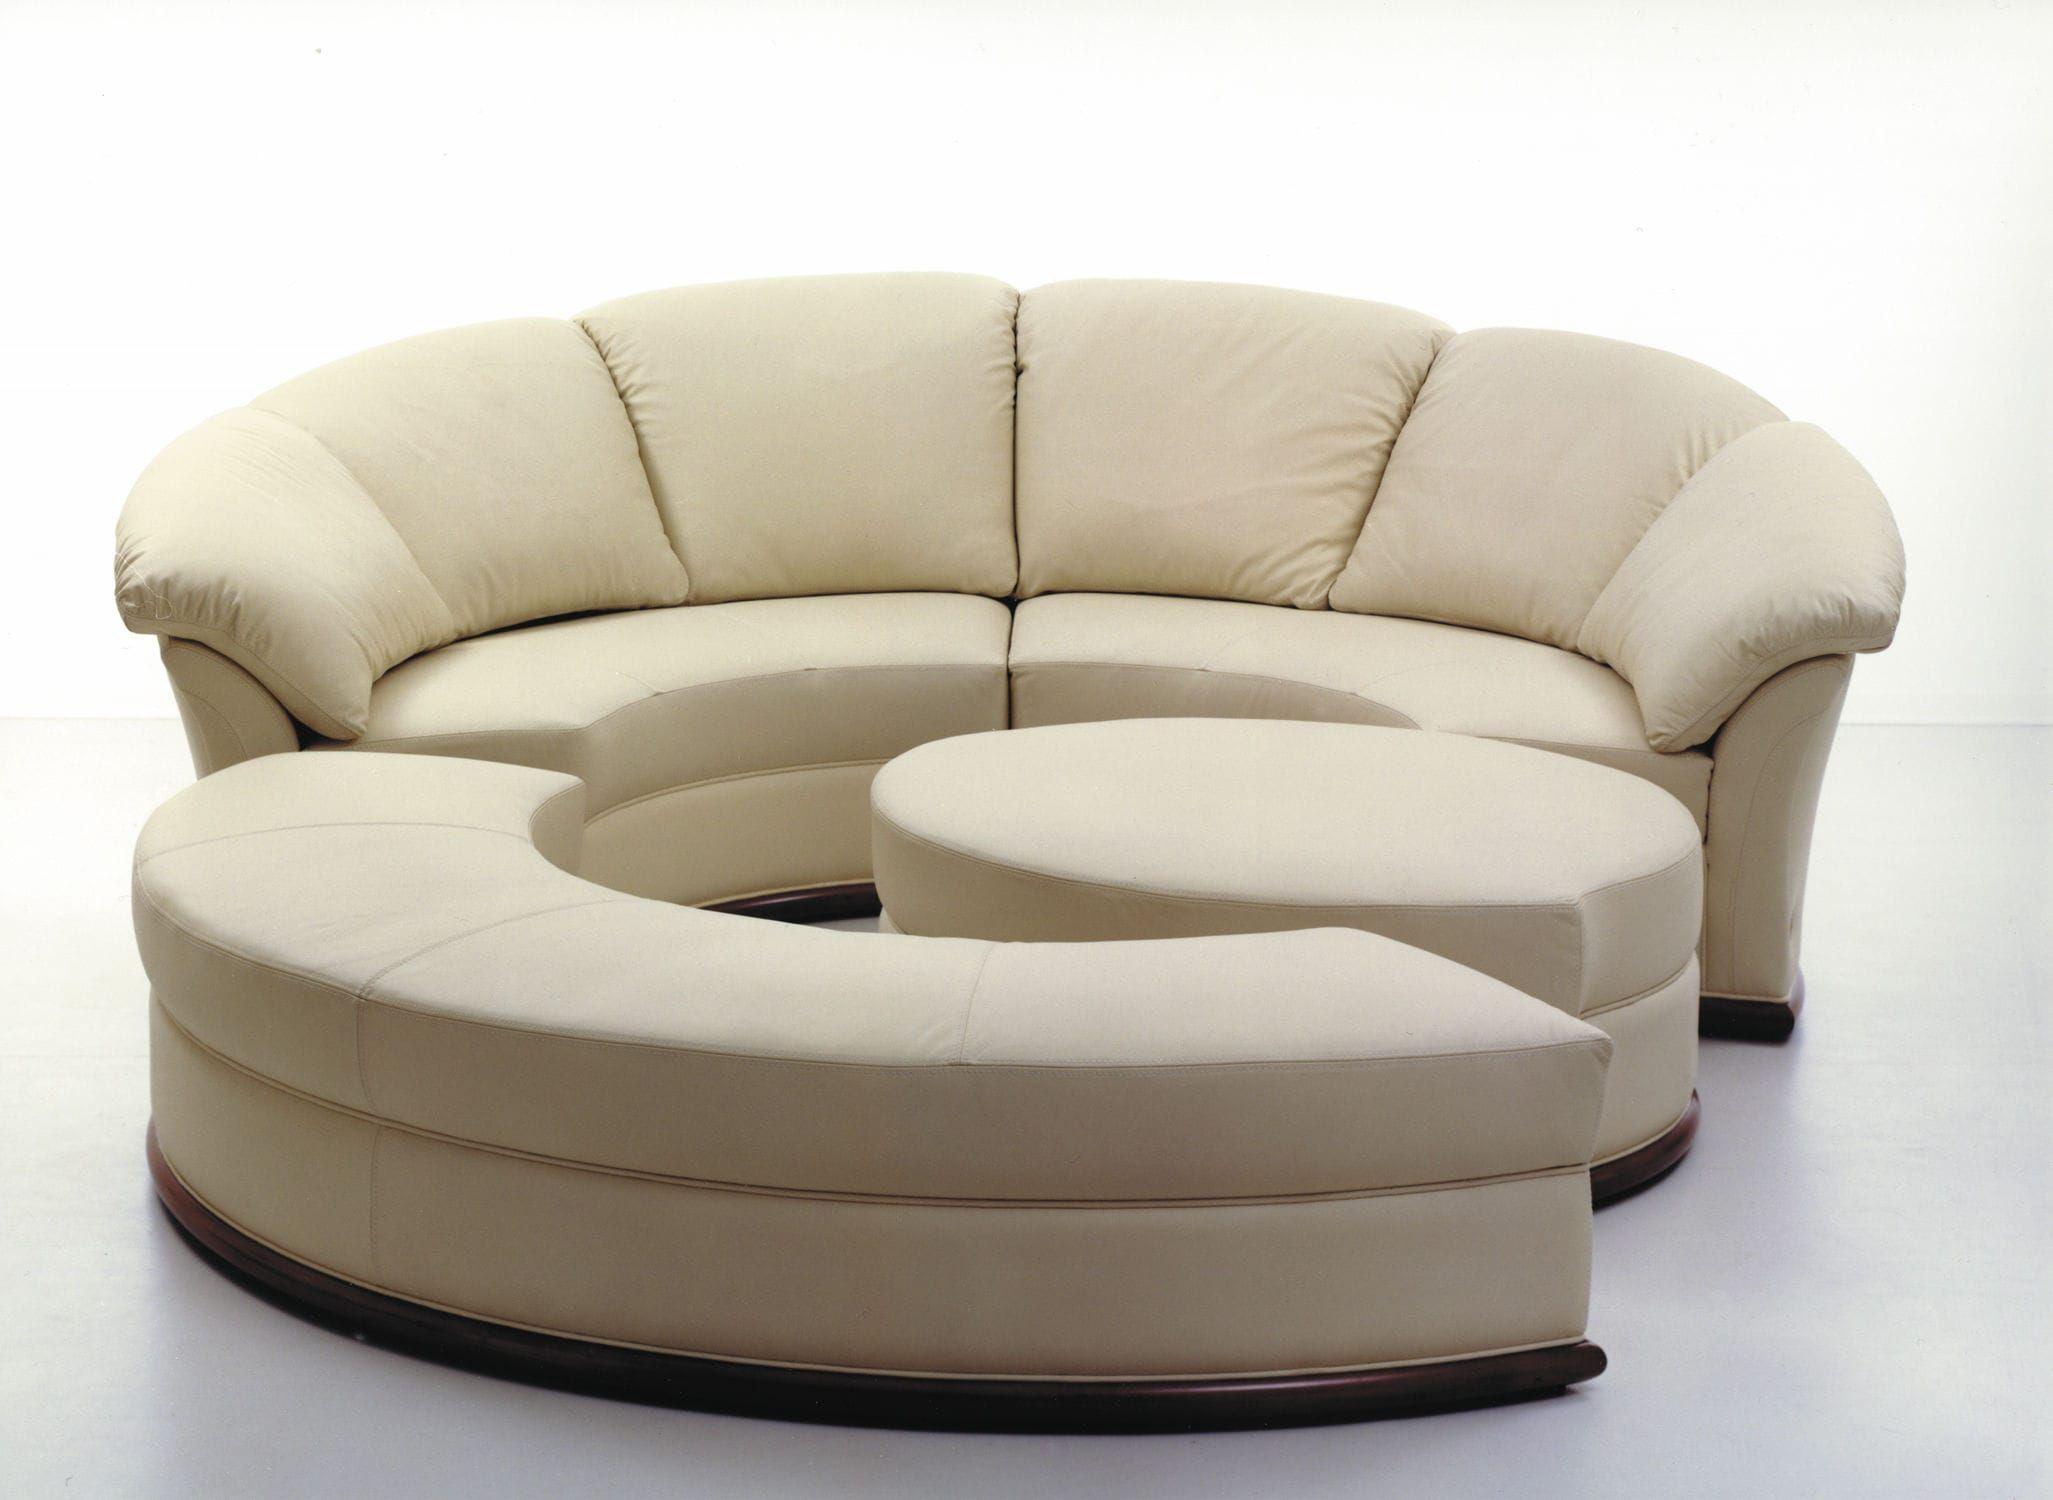 Full Size of Sofa Rund Arundel Leather Bed Rundecke Klein Leder Couch Dreamworks Gebogenes Thailand Rundreise Und Baden Walter Knoll Heimkino Türkische In L Form Cassina Sofa Sofa Rund